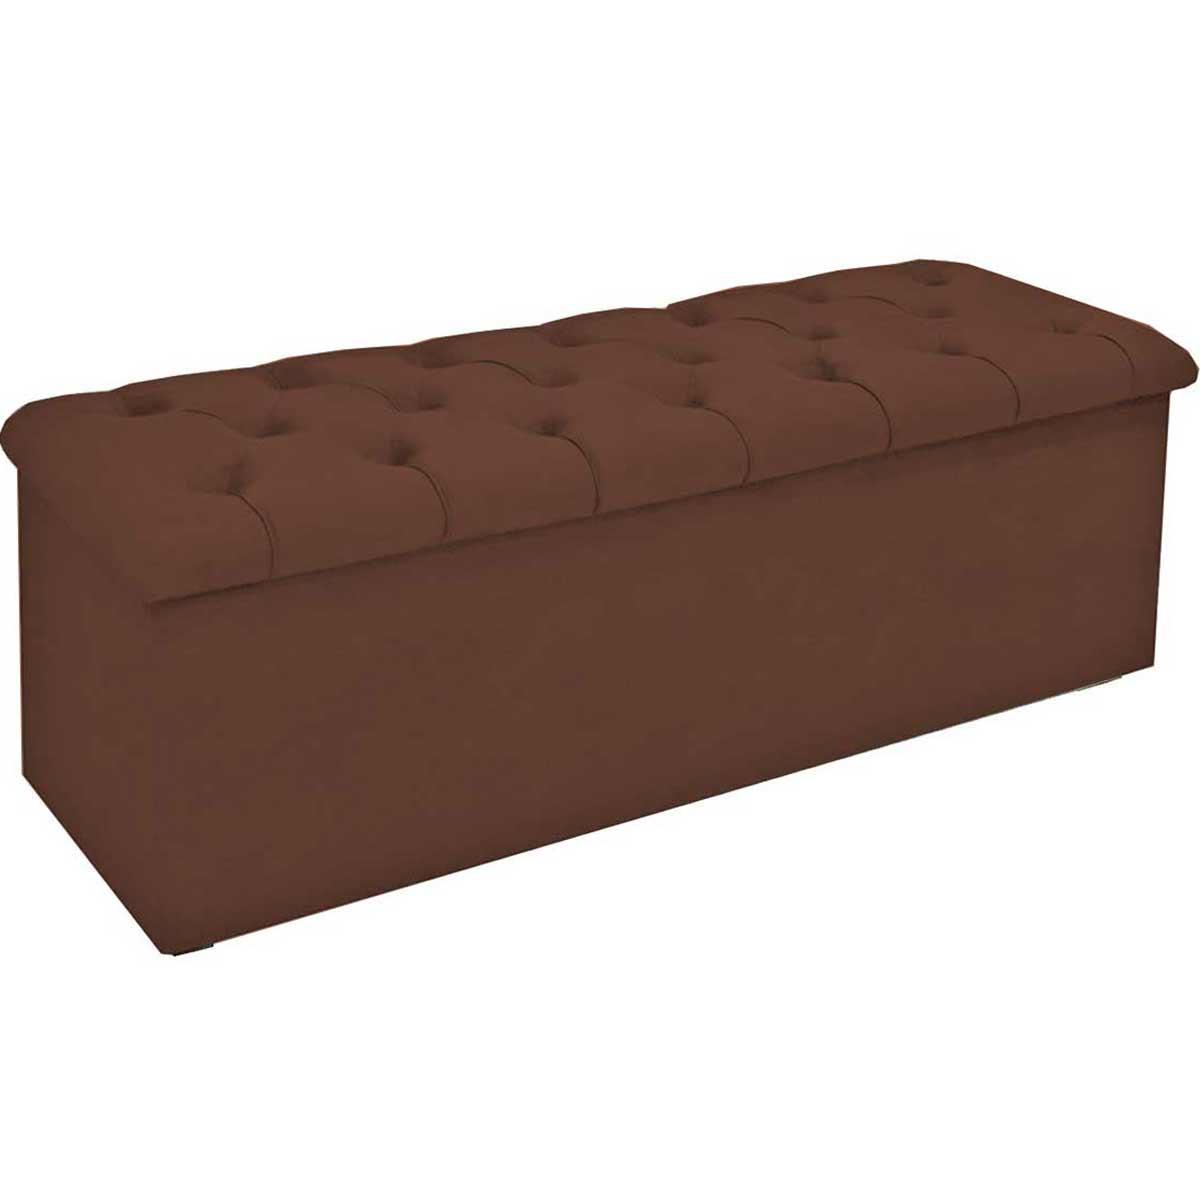 Calçadeira com Baú Estofada Lotus 90 cm Animale Chocolate